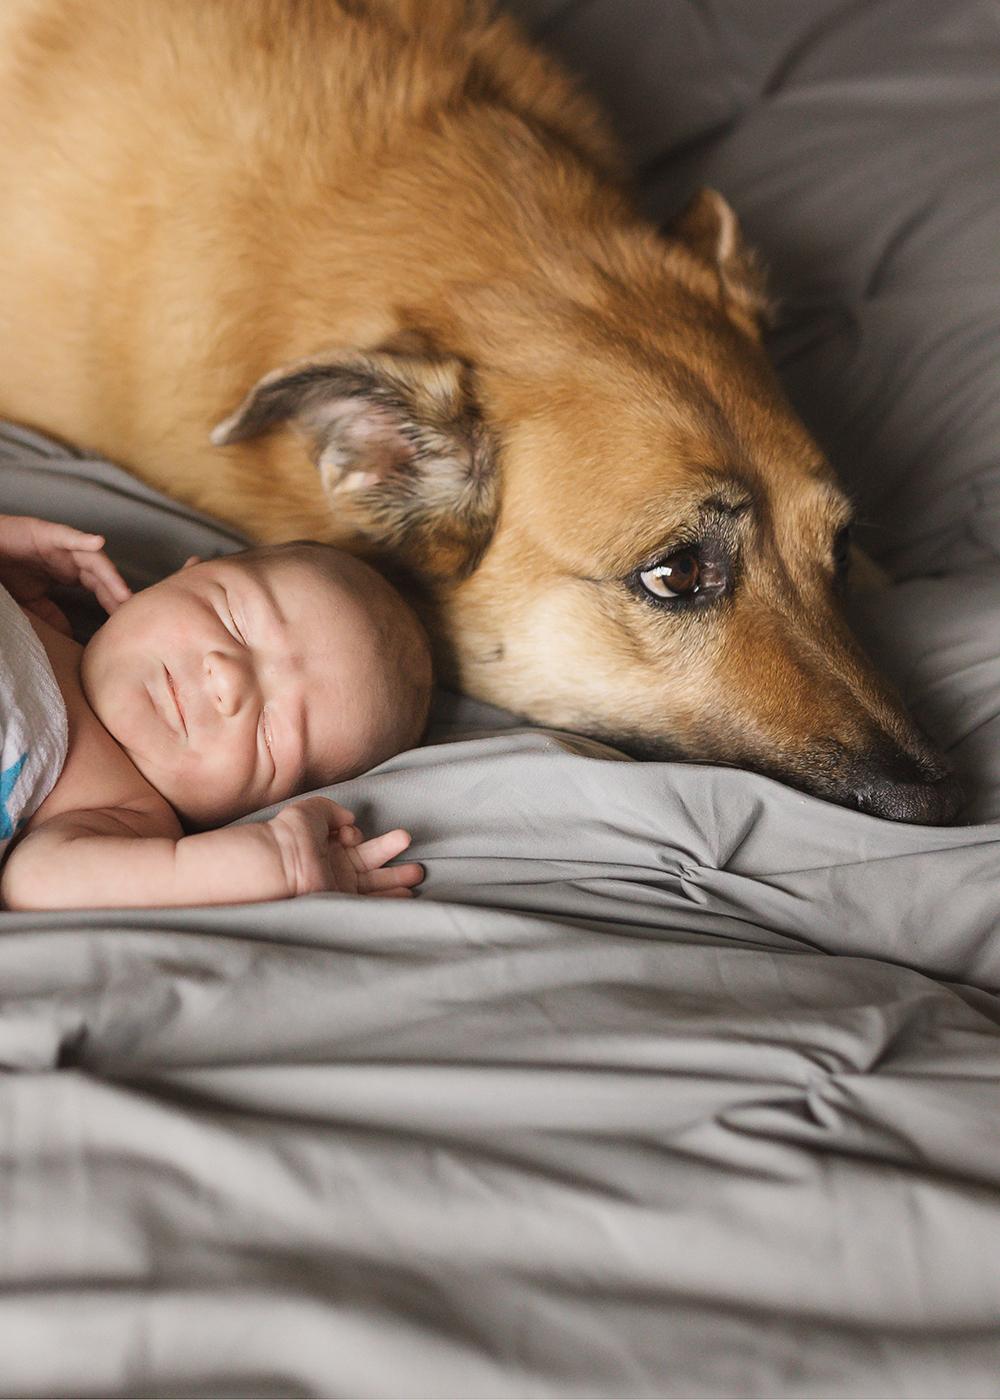 Edmonton Newborn Photographer_Baby Ryder Sneak Peek 7.jpg